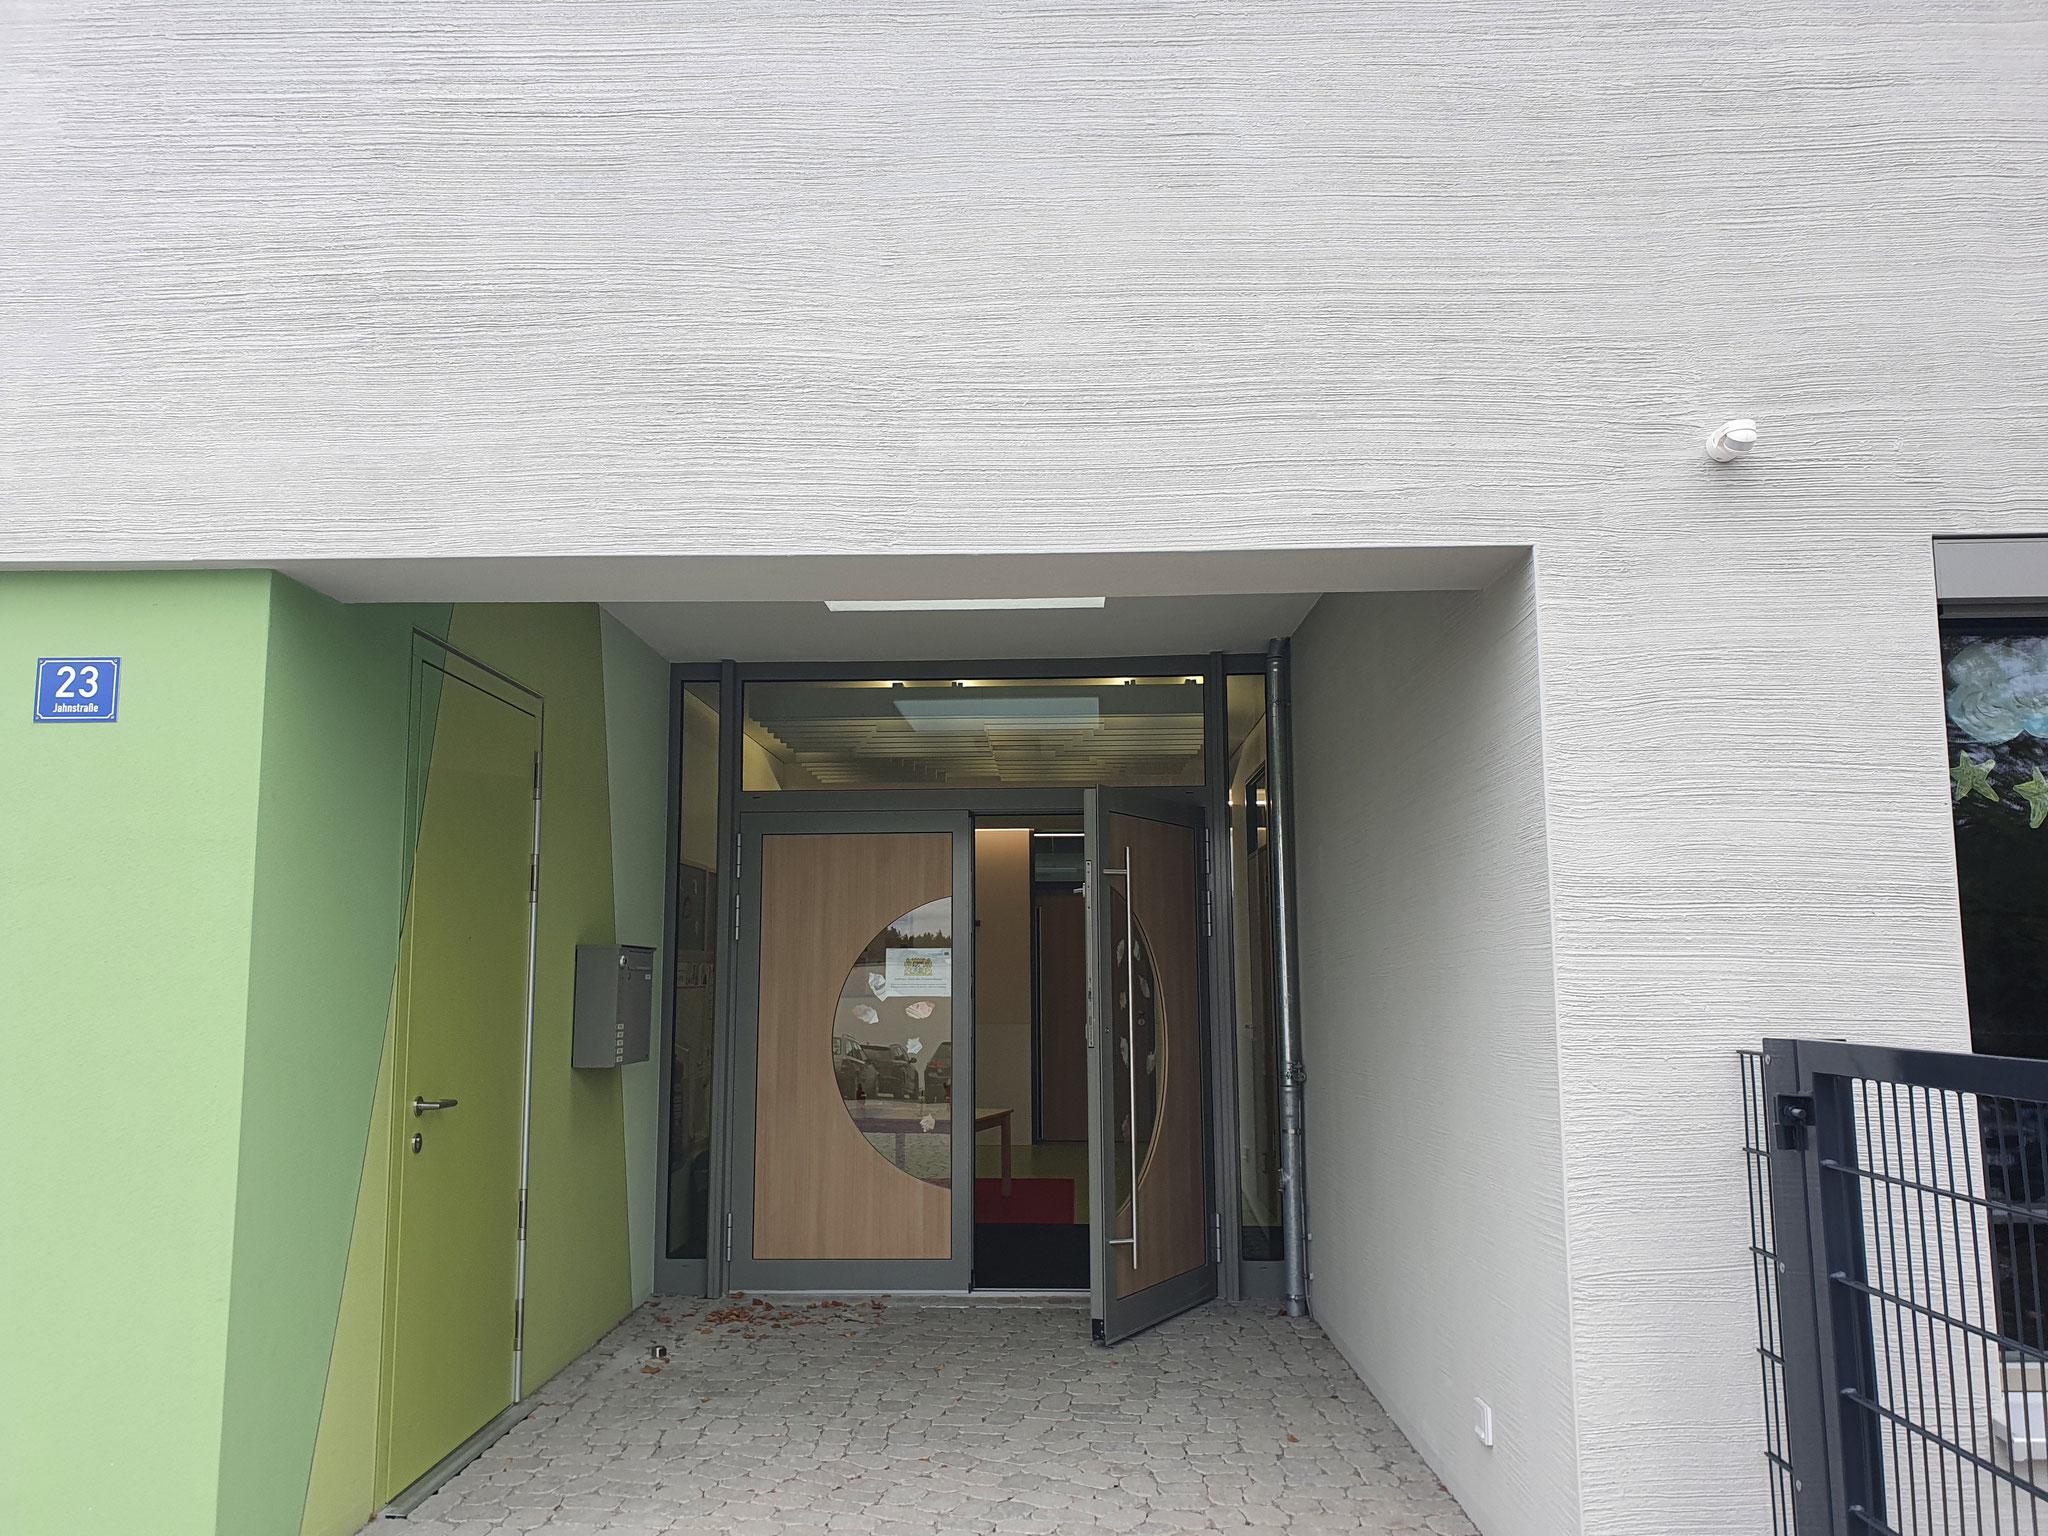 Baustelle in Parsberg, Putzarbeiten und Farbgestaltung 2020